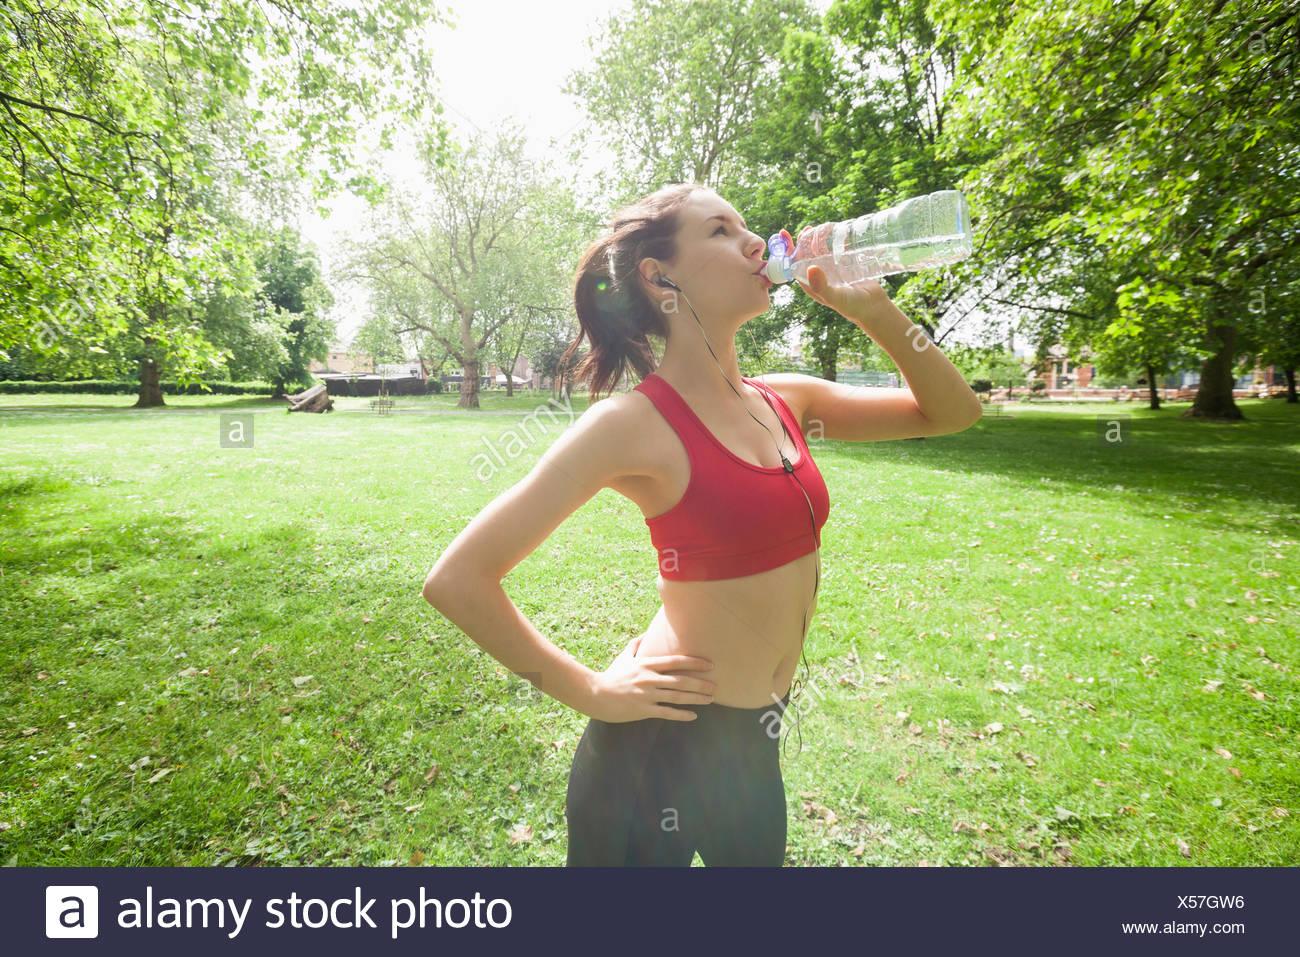 Montare donna acqua potabile mentre si ascolta la musica in posizione di parcheggio Immagini Stock